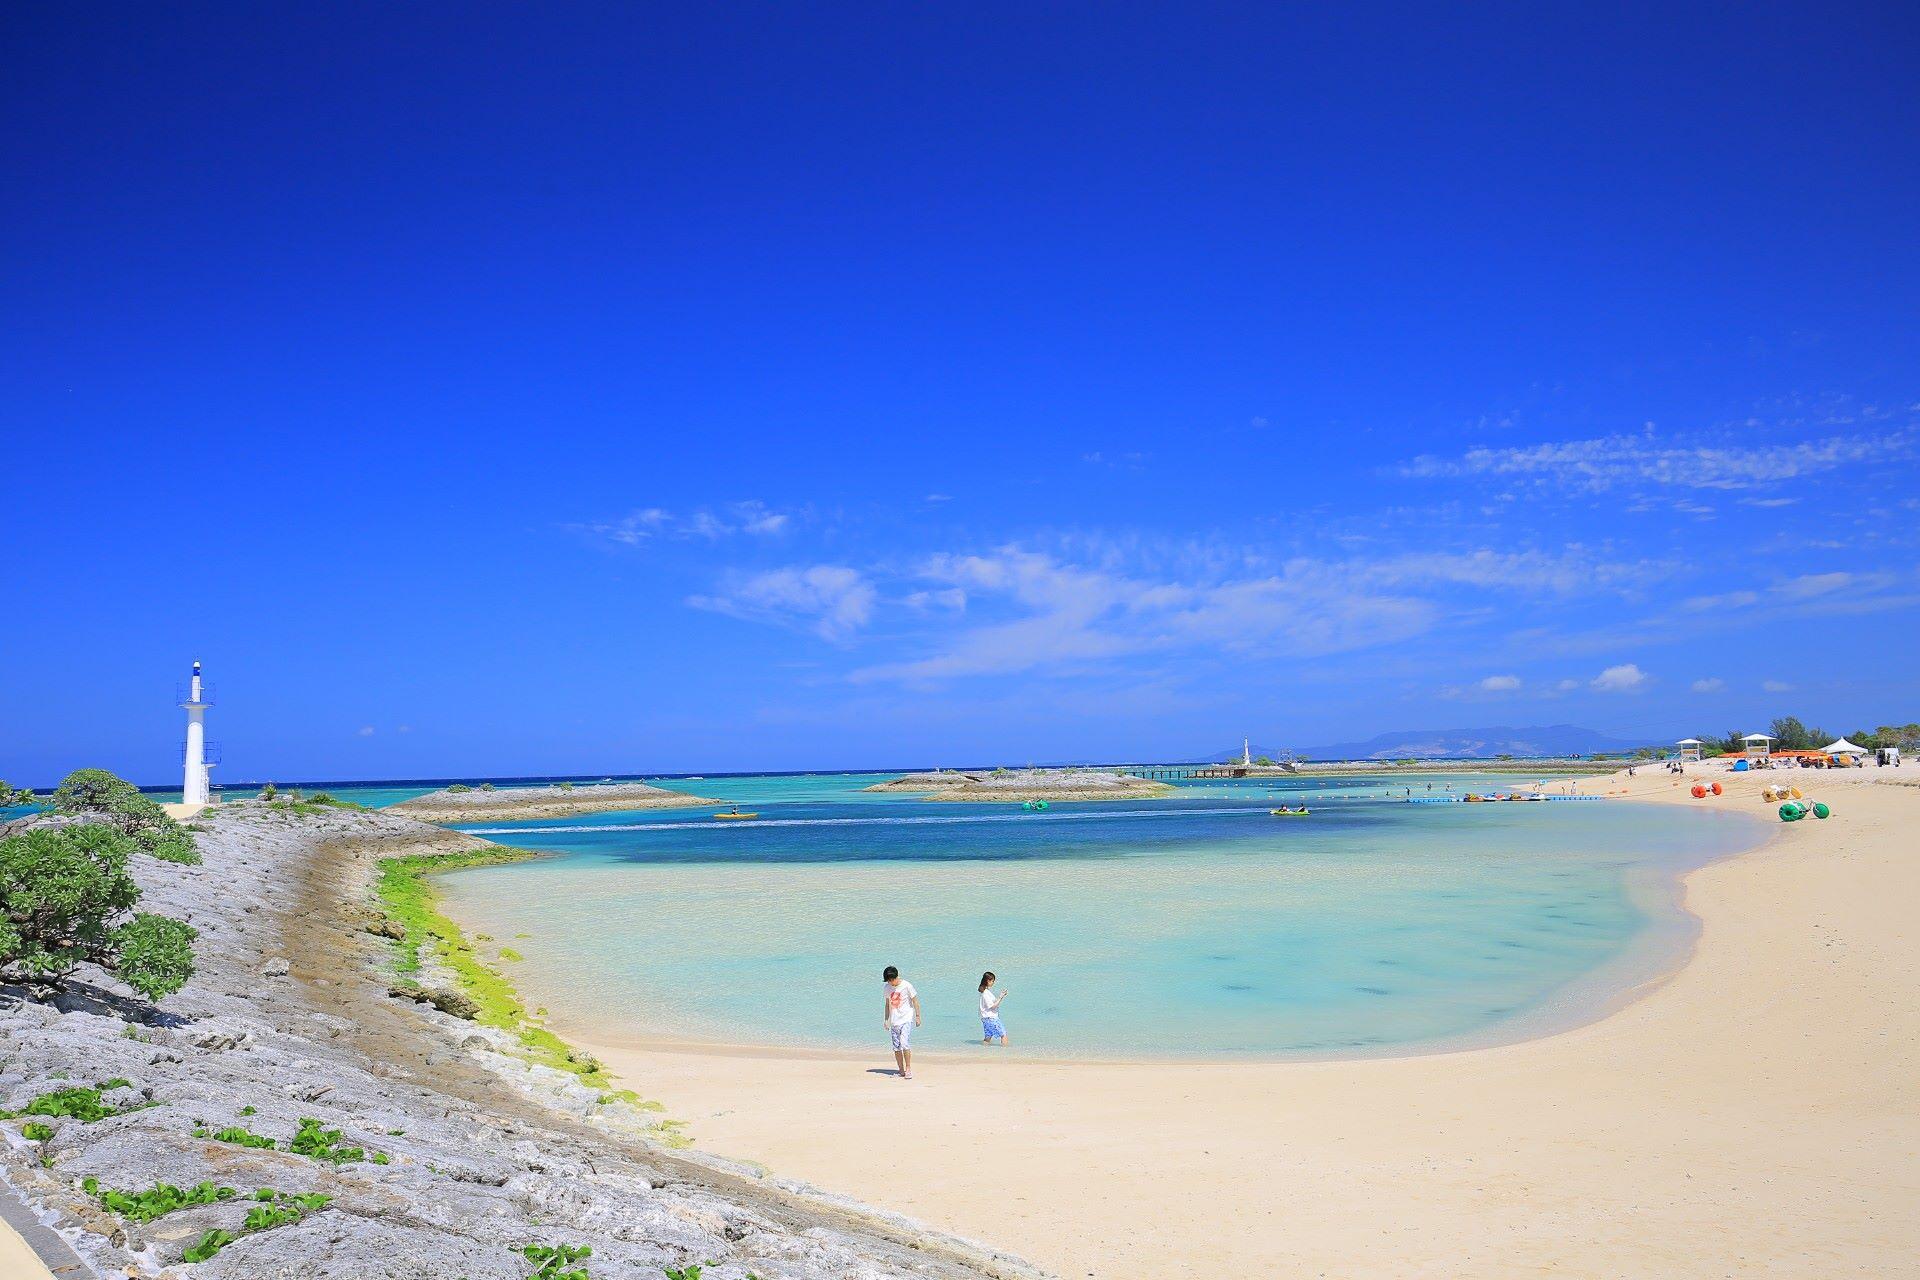 聖瑪麗娜海濱飯店(sunmarina hotel)-沙灘、海景、溫泉、水上活動 @小環妞 幸福足跡